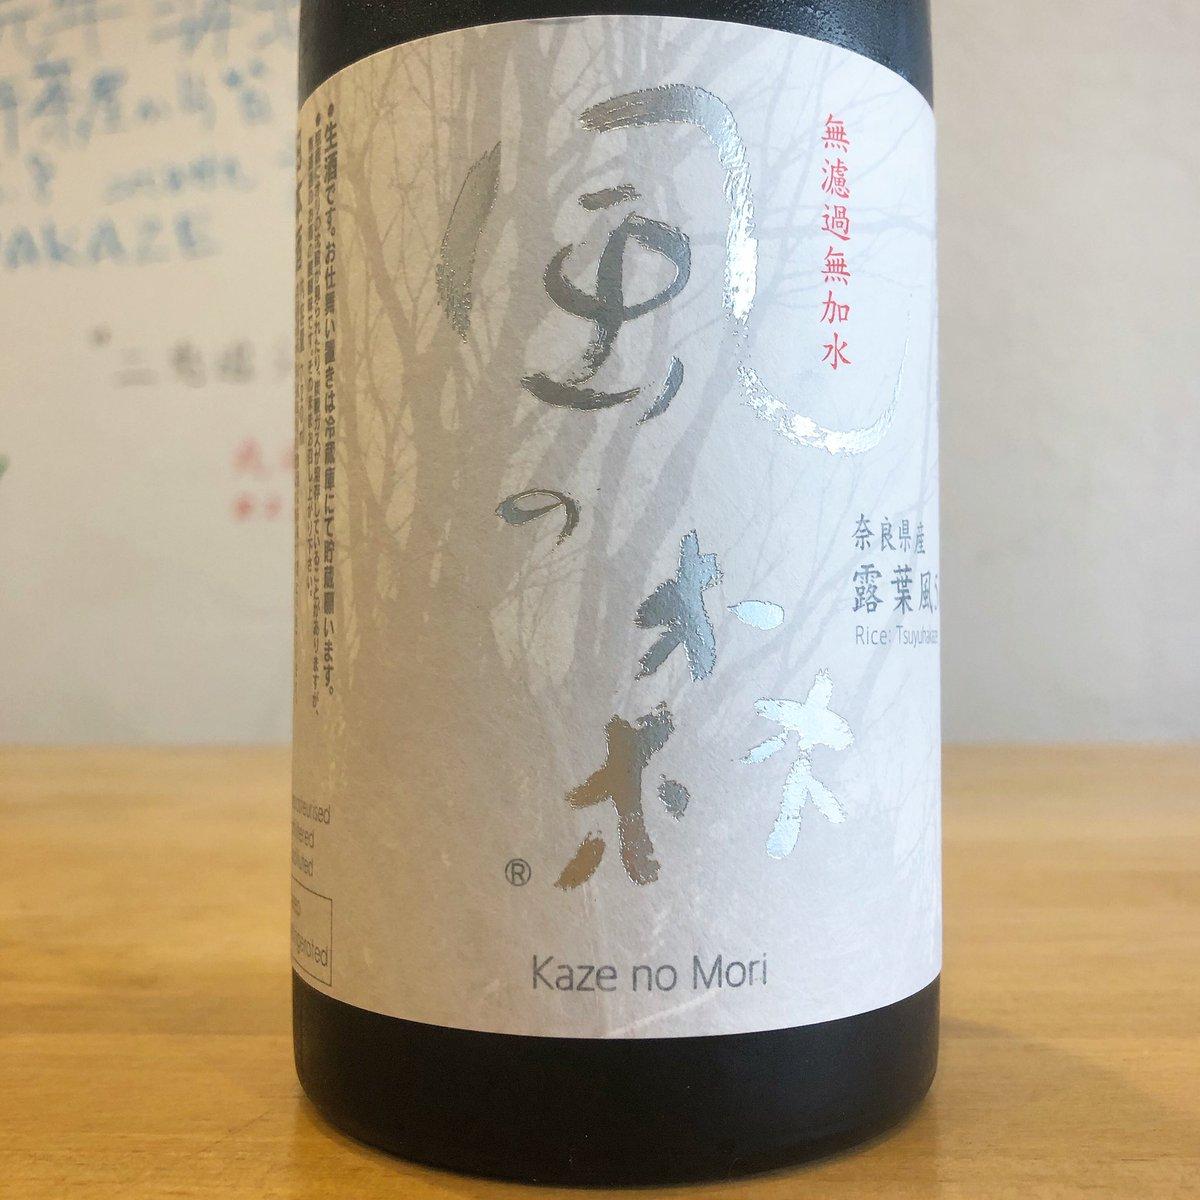 test ツイッターメディア - SakeBaseの店舗に奈良県御所市の油長酒造から風の森 露葉風50が入荷致しました。  奈良県でのみ生産される酒米、露葉風を使用しています。心白がとても大きく、調和のとれた複雑味のある味わいがその特徴です。ただ綺麗なだけではなく、奥行きと立体感のある酒質をお楽しみください。 https://t.co/w7cxHdTytf